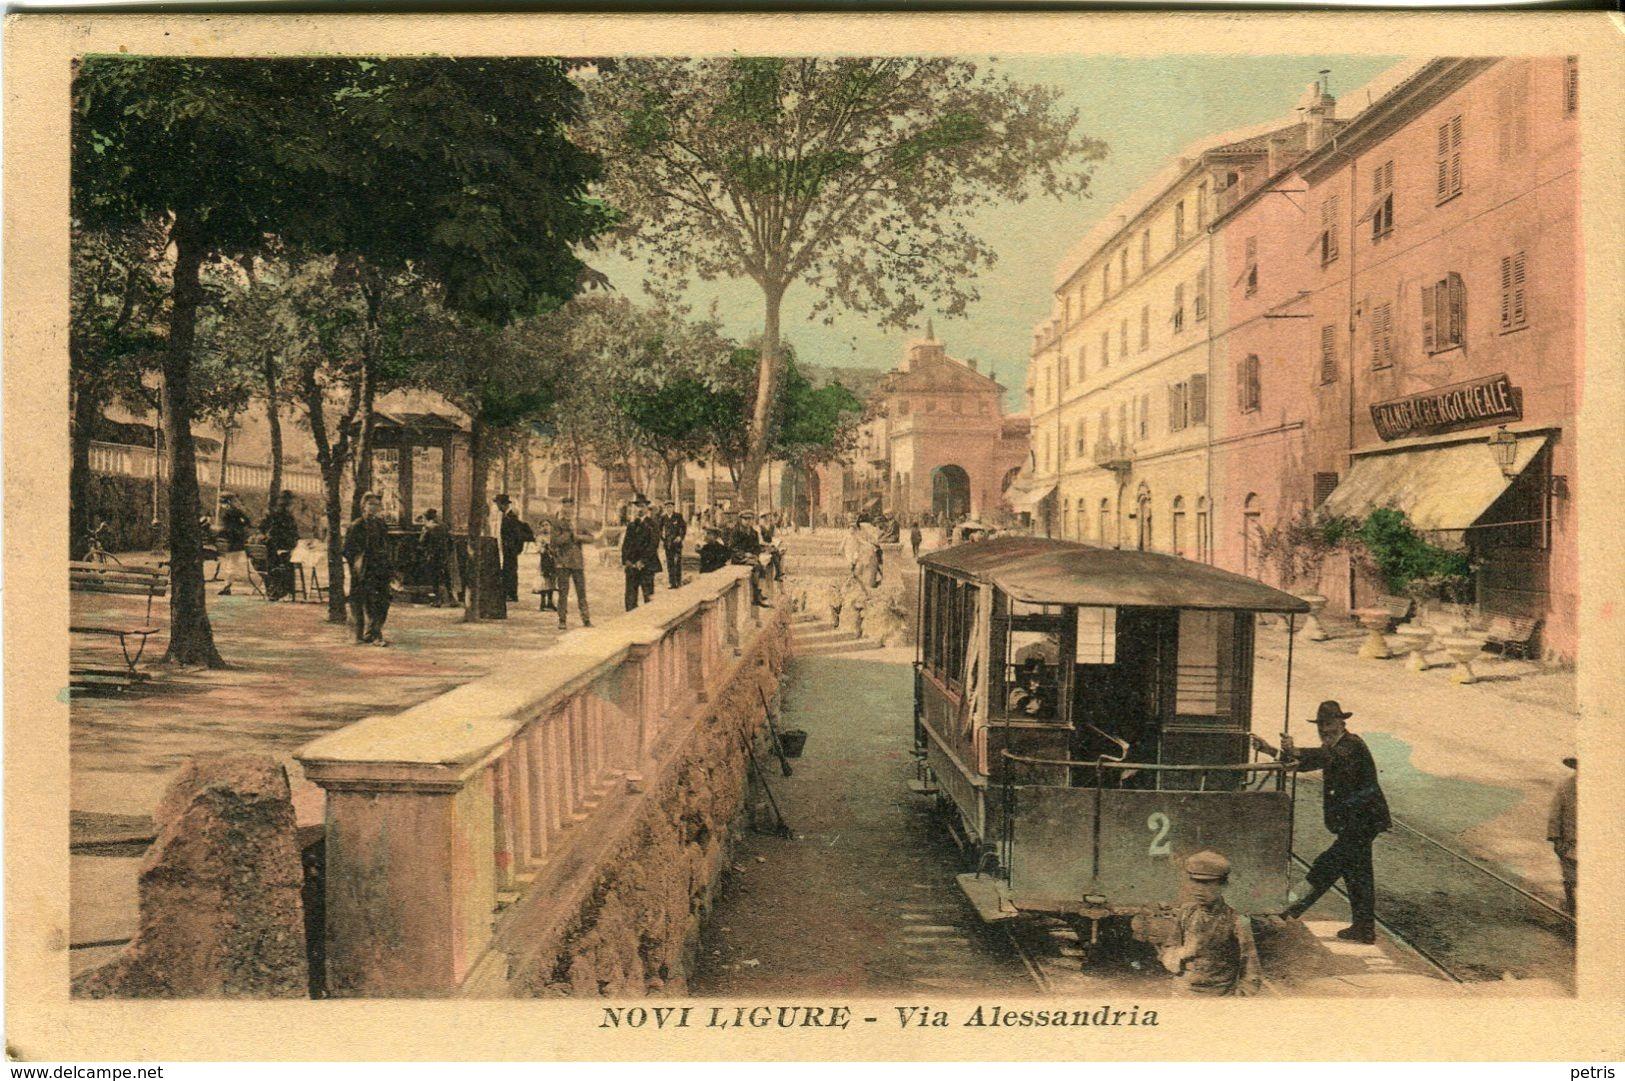 Novi Ligure. Via Alessandria, 1915 - Lot.1350 - Alessandria